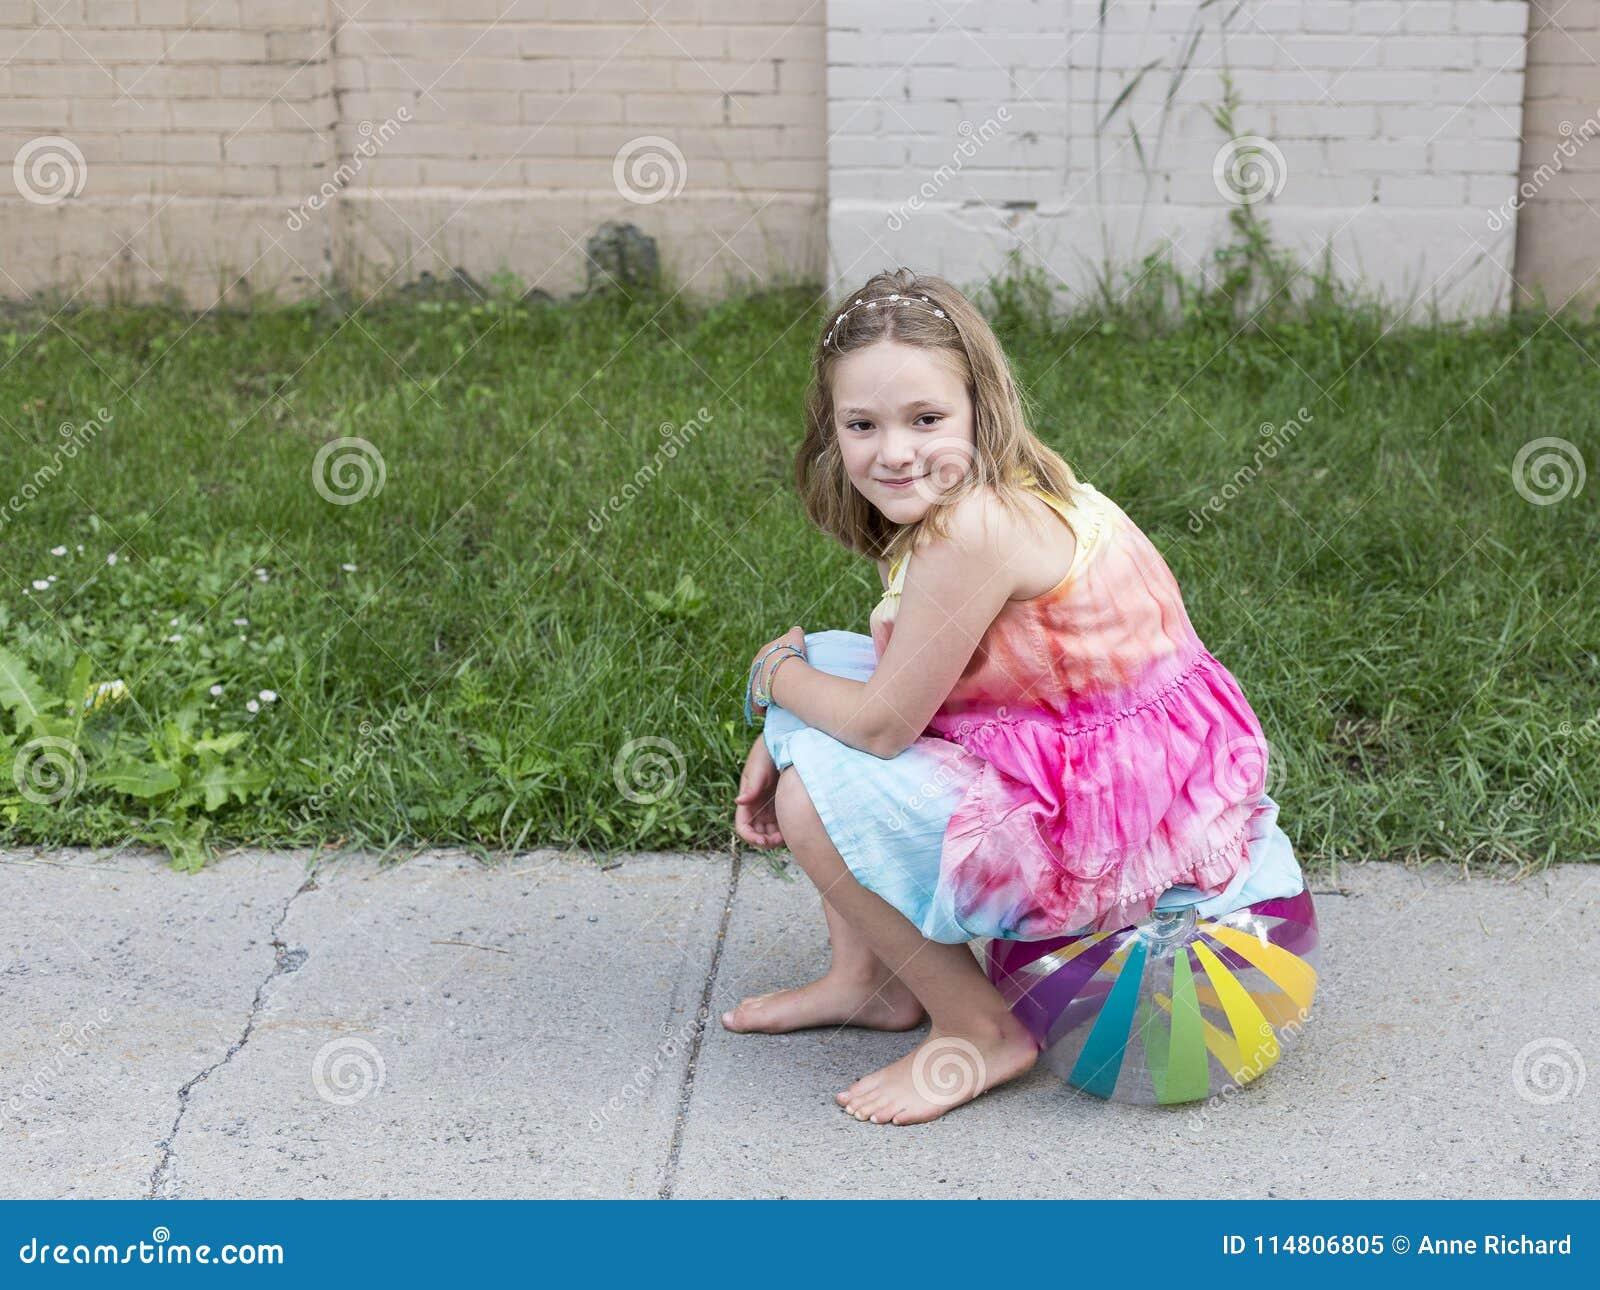 Όμορφο χαμογελώντας μικρό κορίτσι στο θερινό φόρεμα και τα γυμνά πόδια που κάθεται στη σφαίρα παραλιών στο πεζοδρόμιο